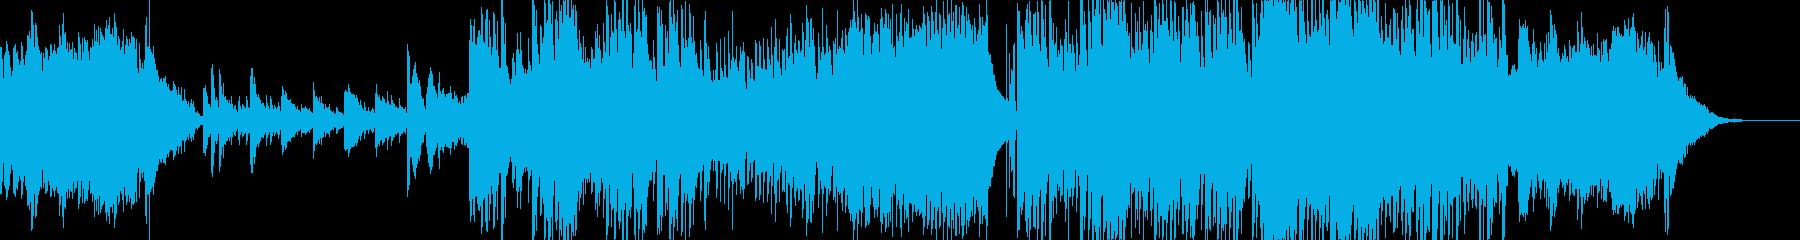 140秒の懐かしいRPGエンディングの再生済みの波形